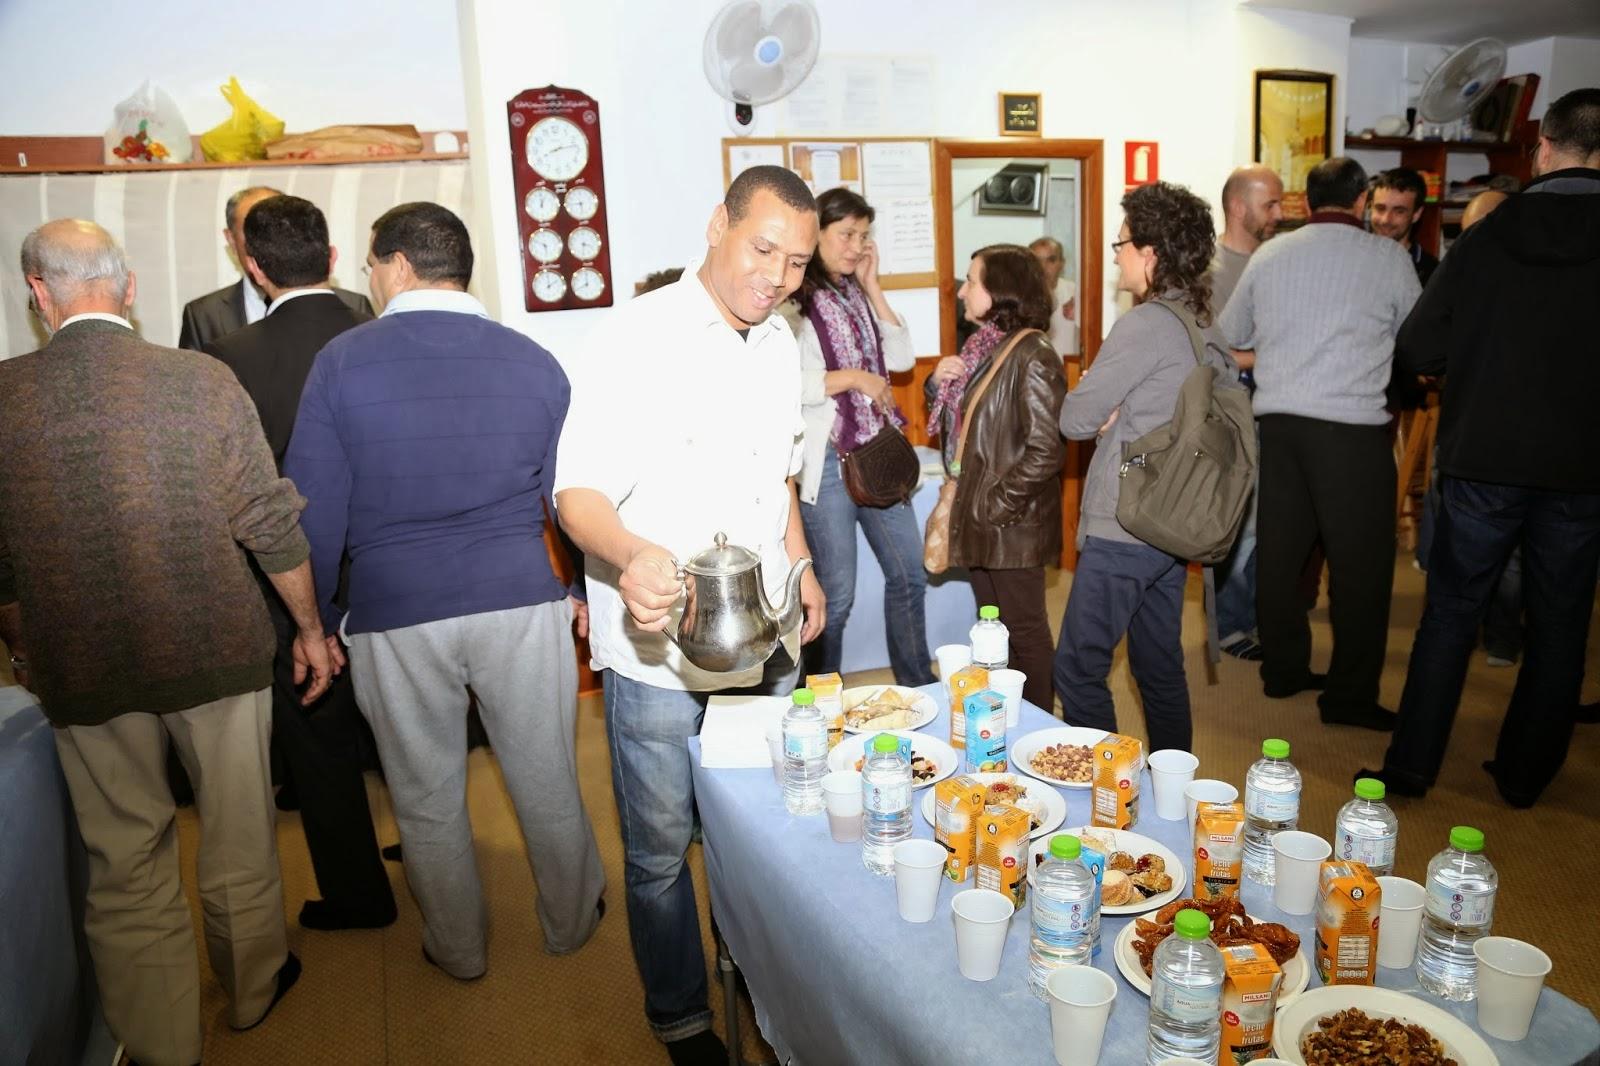 La Comunidad Islámica de Sant Joan Despí organiza VI jornada de puertas abiertas .